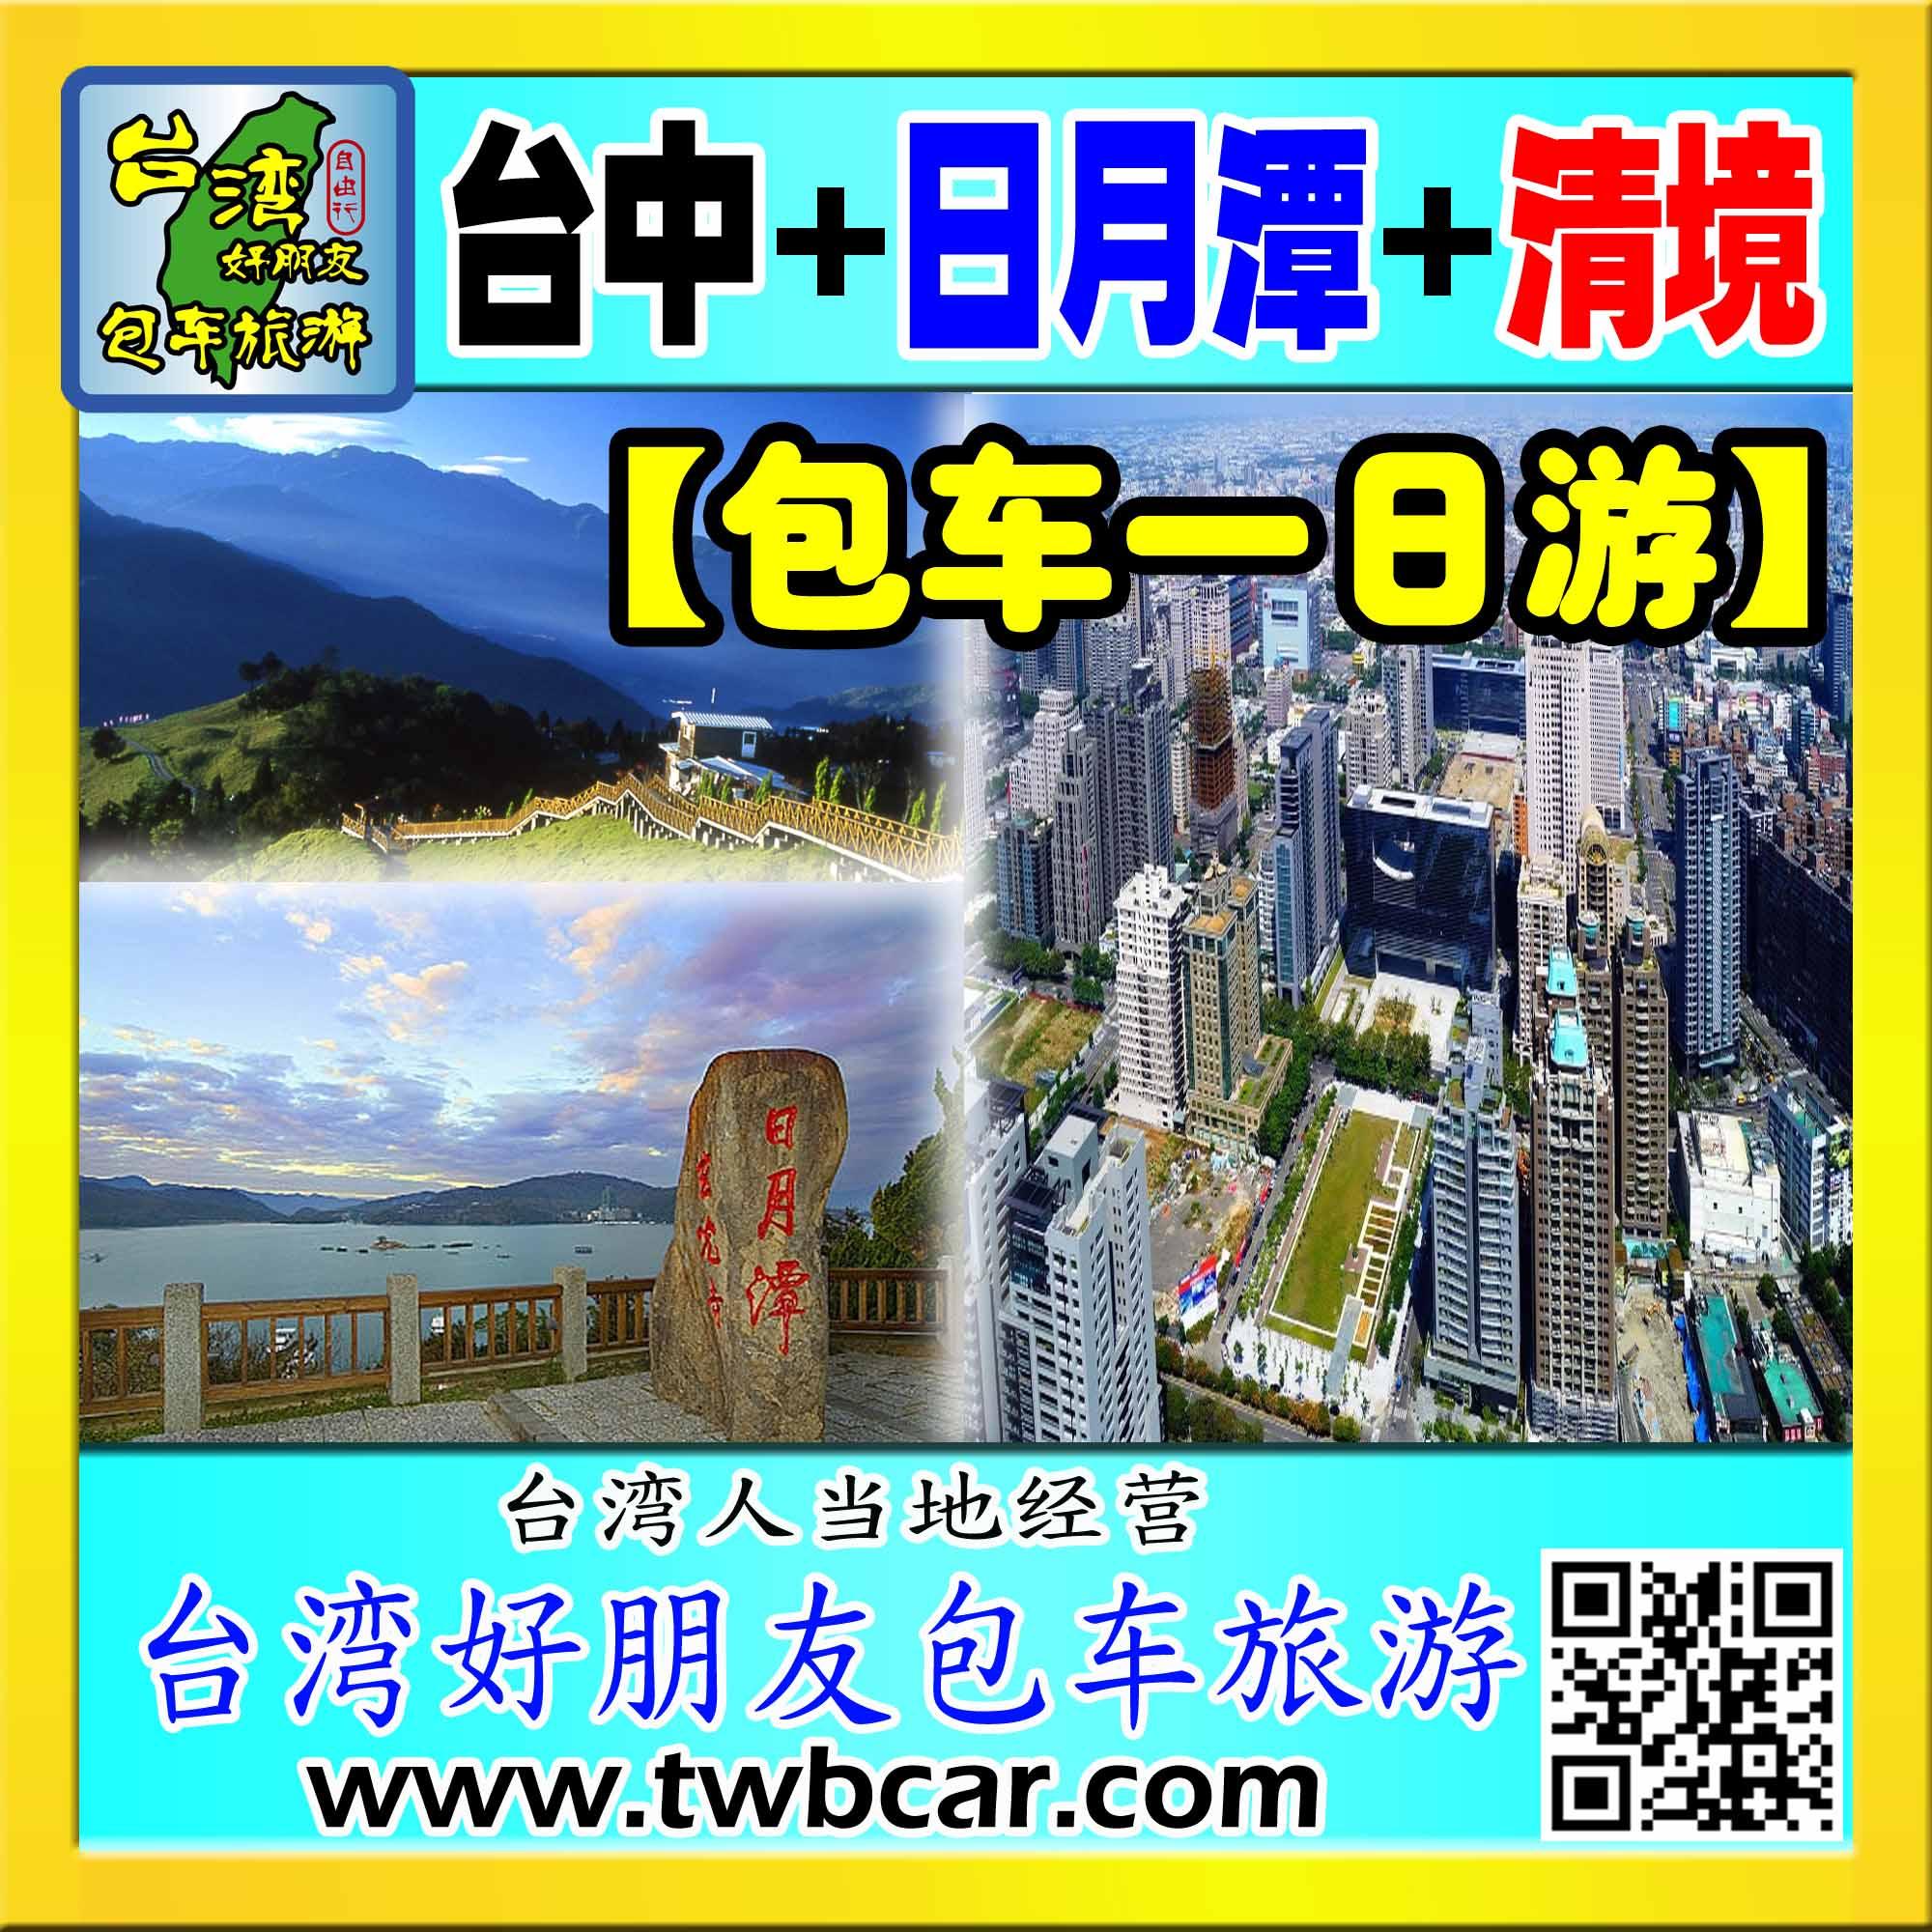 清境+日月潭+台中一日游(9小时)